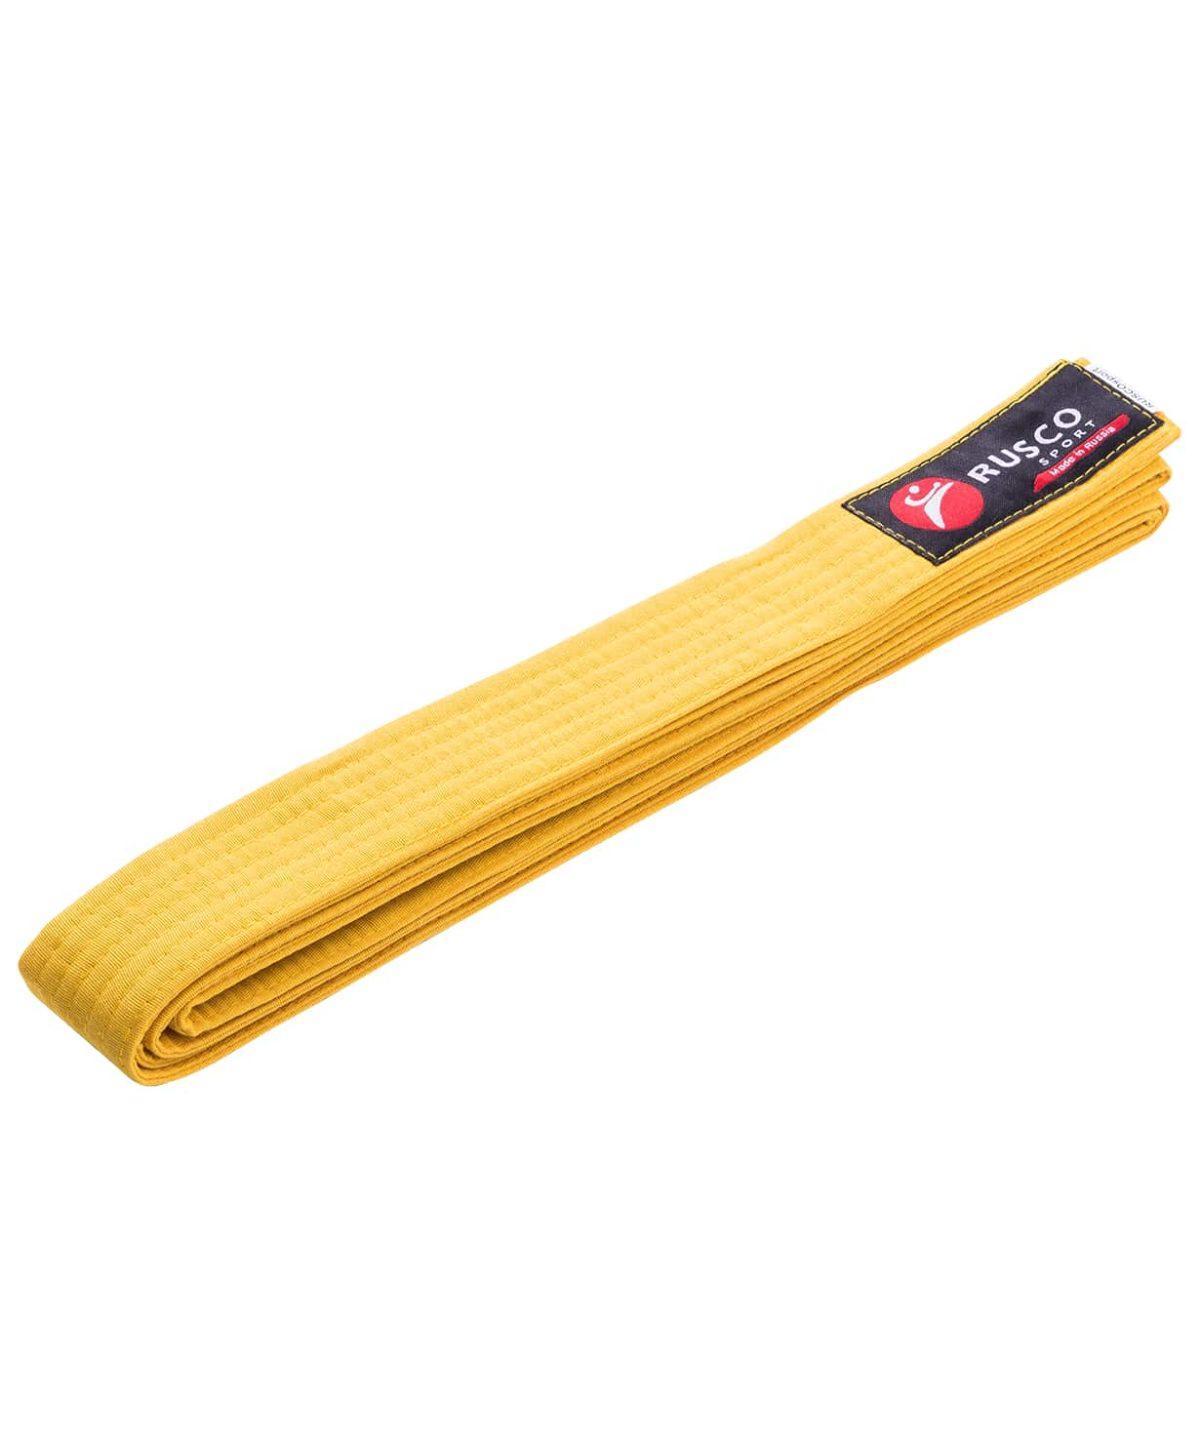 RUSCO Пояс для единоборств  10489: жёлтый - 1